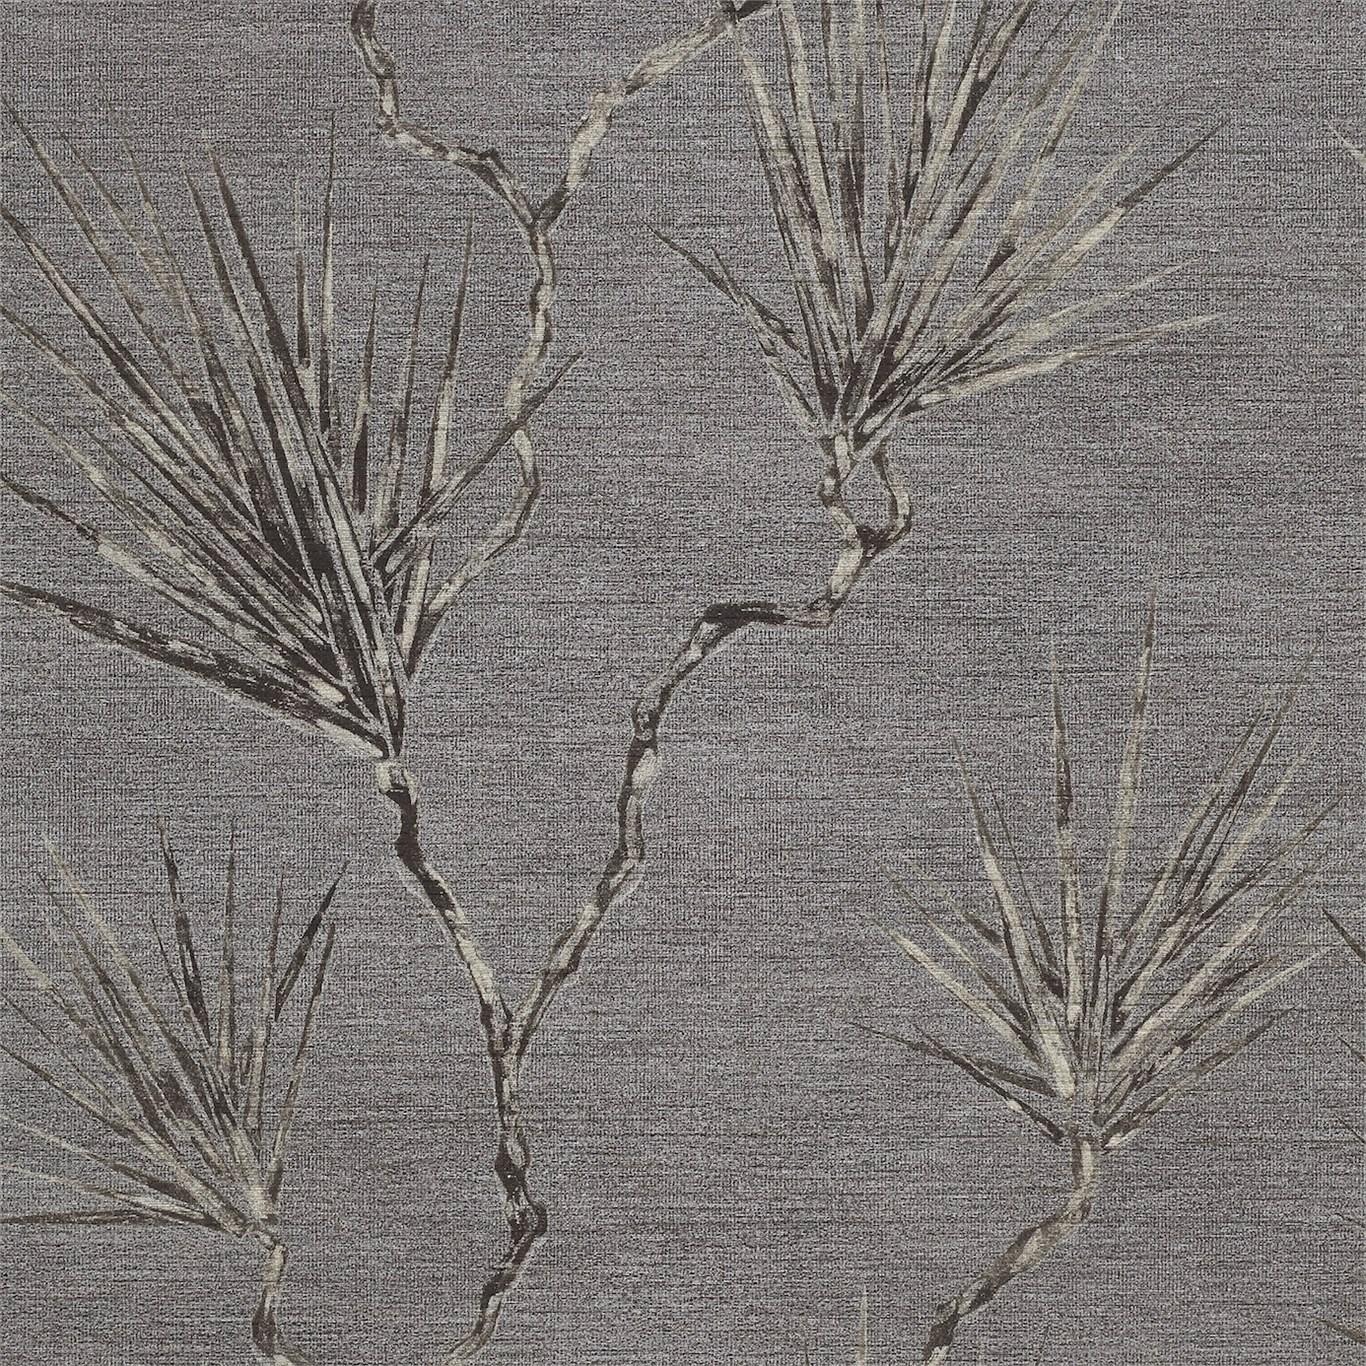 Anthology Peninsula Palm by HAR